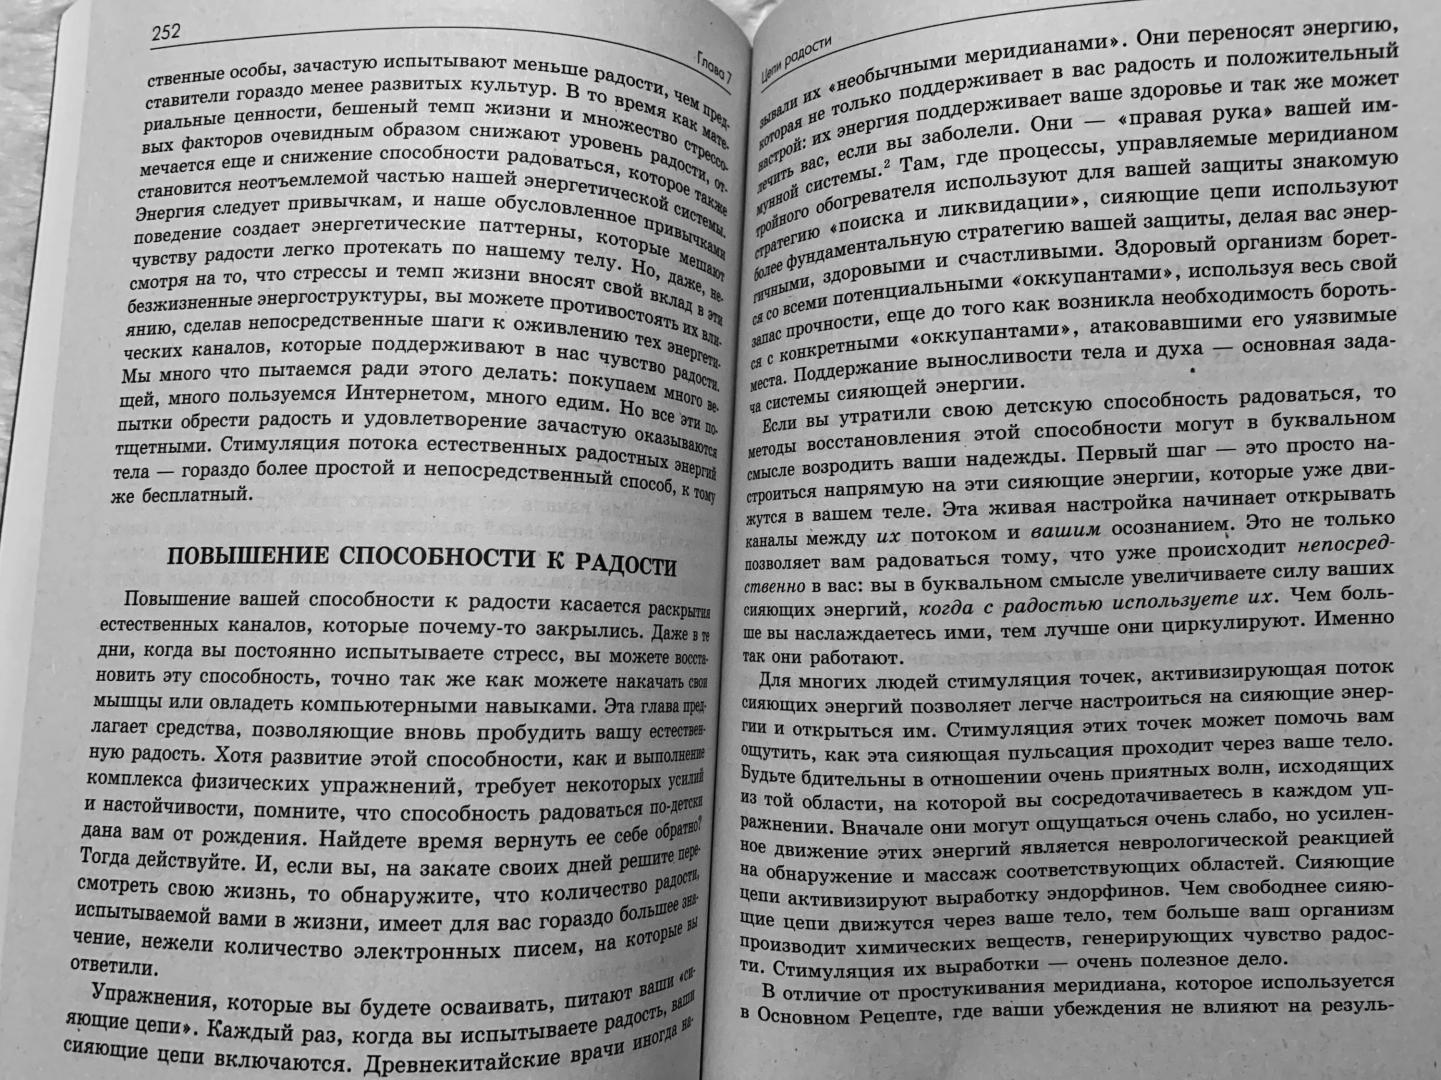 Иллюстрация 15 из 19 для Энергетическая психология. Уникальные методики трансформации личности - Иден, Файнштейн, Крэйг | Лабиринт - книги. Источник: Розочка